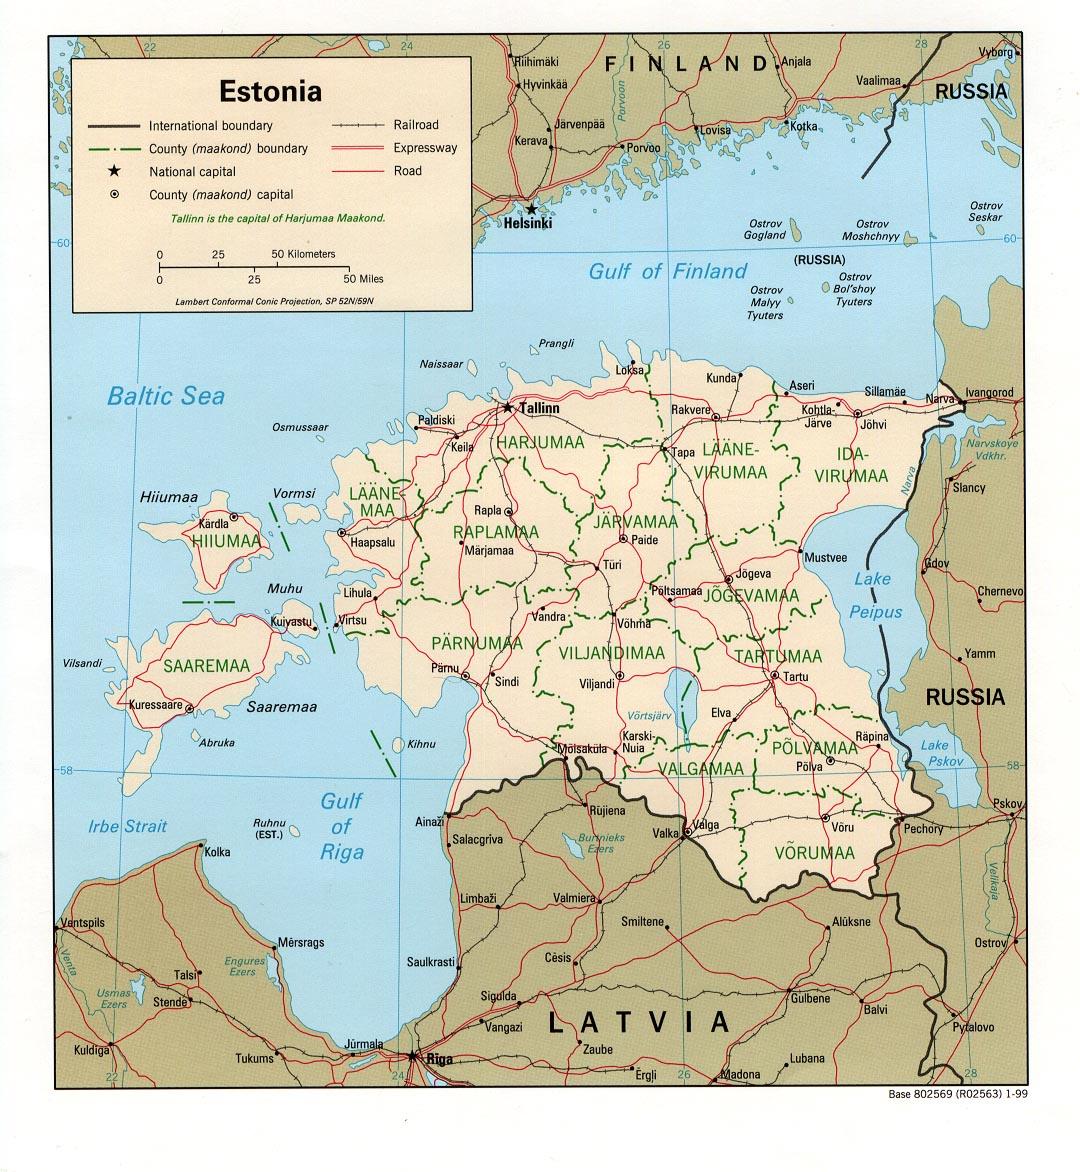 Mapa Grande da Estonia